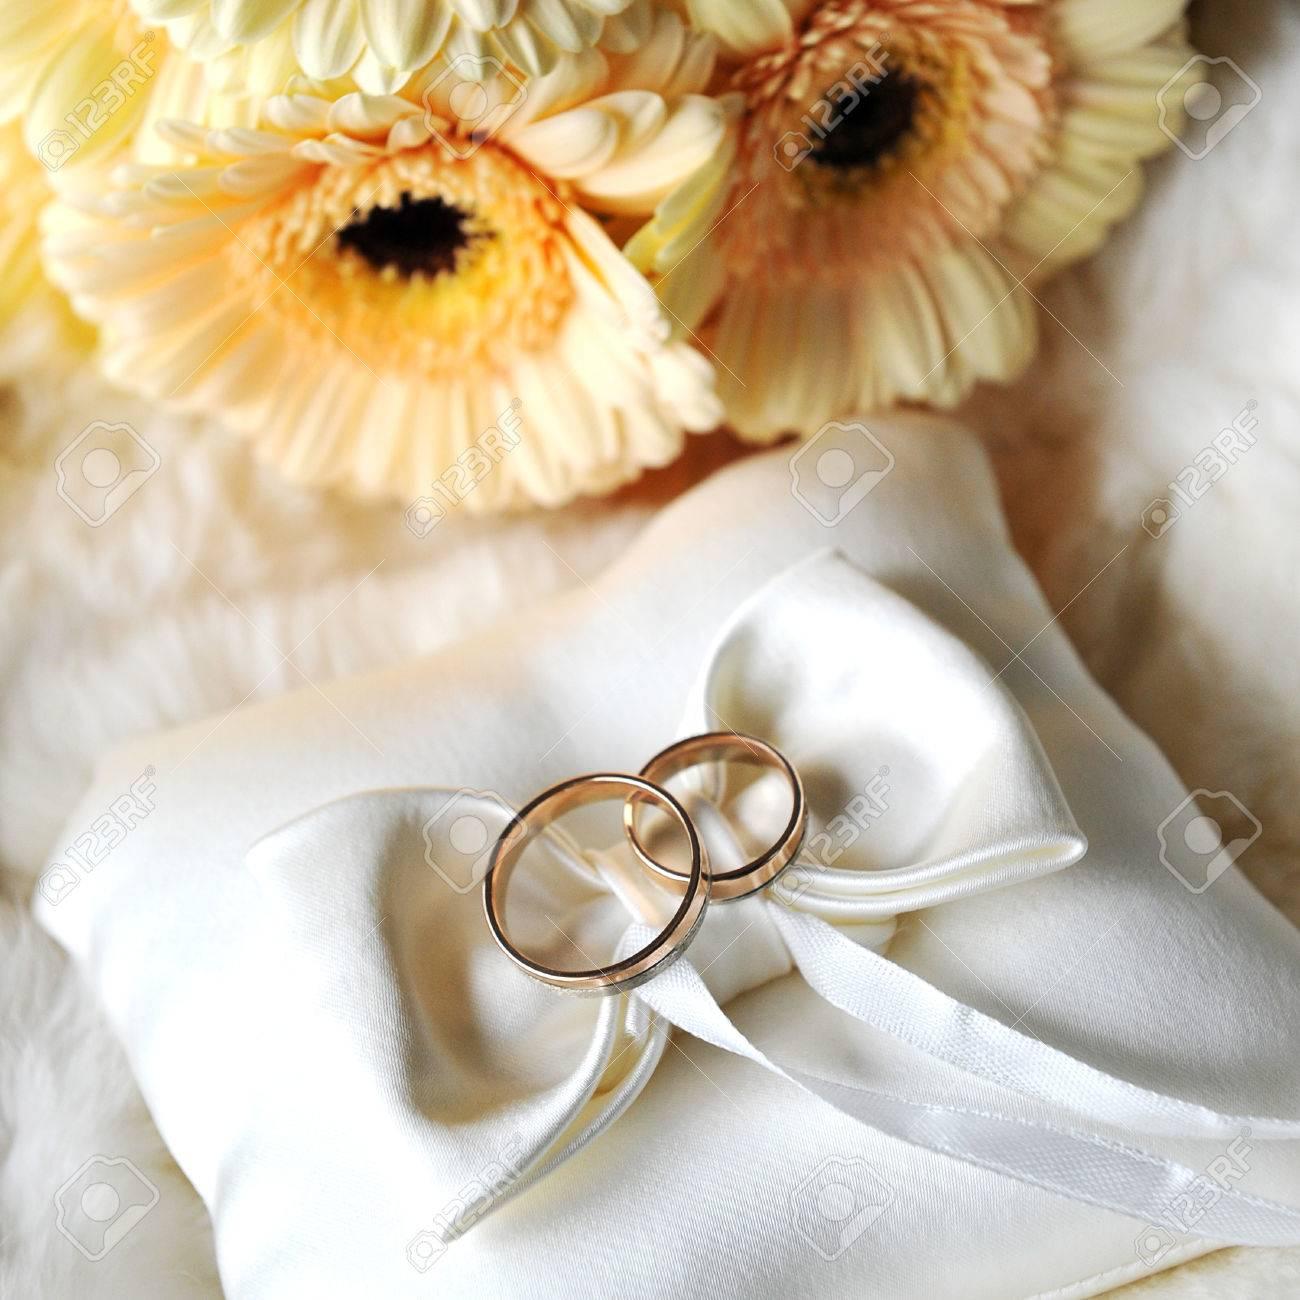 Elegand Hochzeit Ringe Auf Weissen Kissen